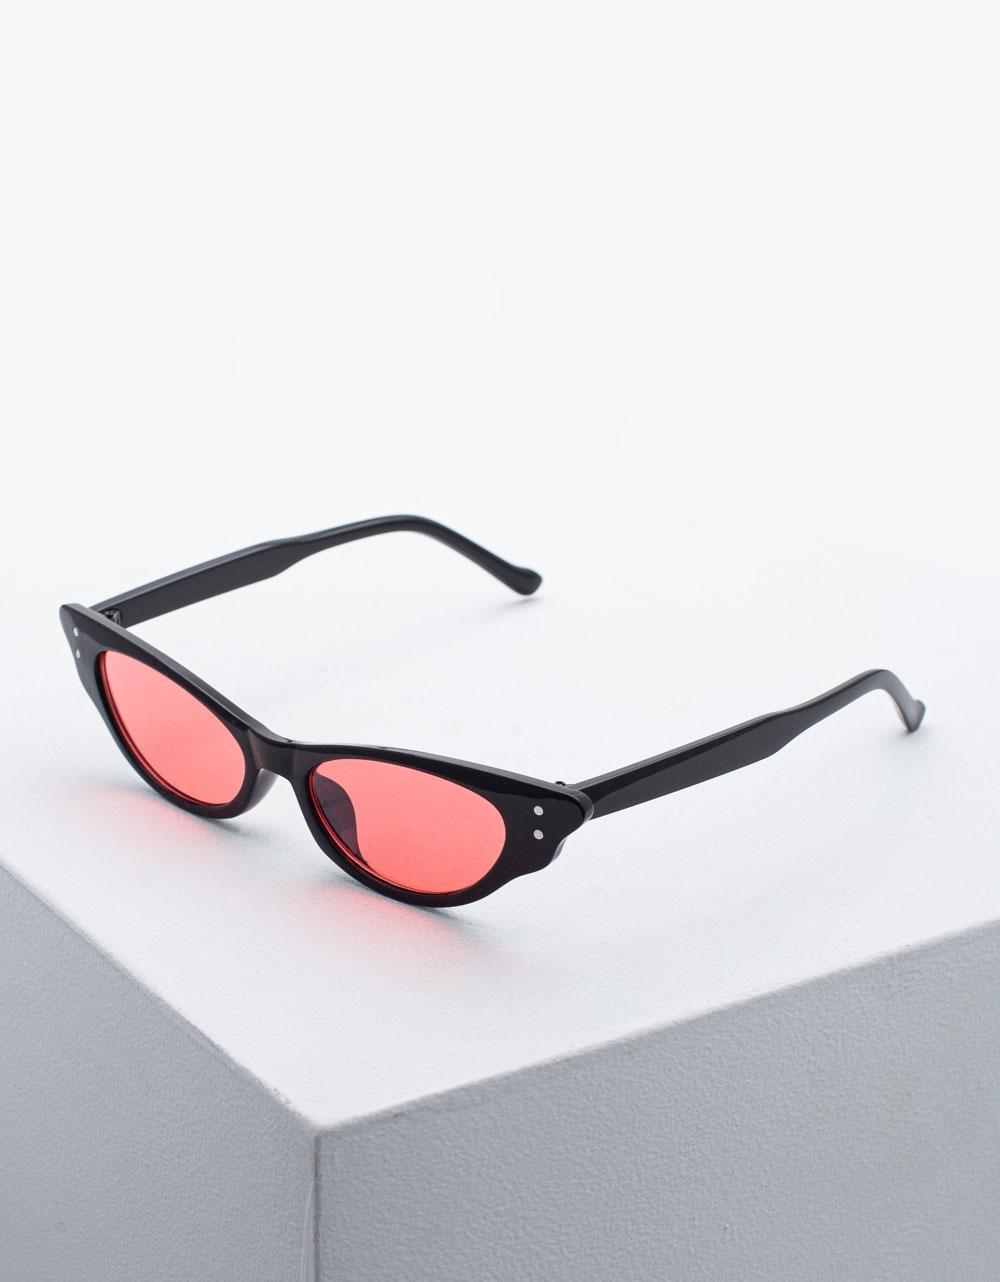 Εικόνα από Γυναικεία γυαλιά ηλίου σε σχήμα πεταλούδας Μαύρο/Ροζ